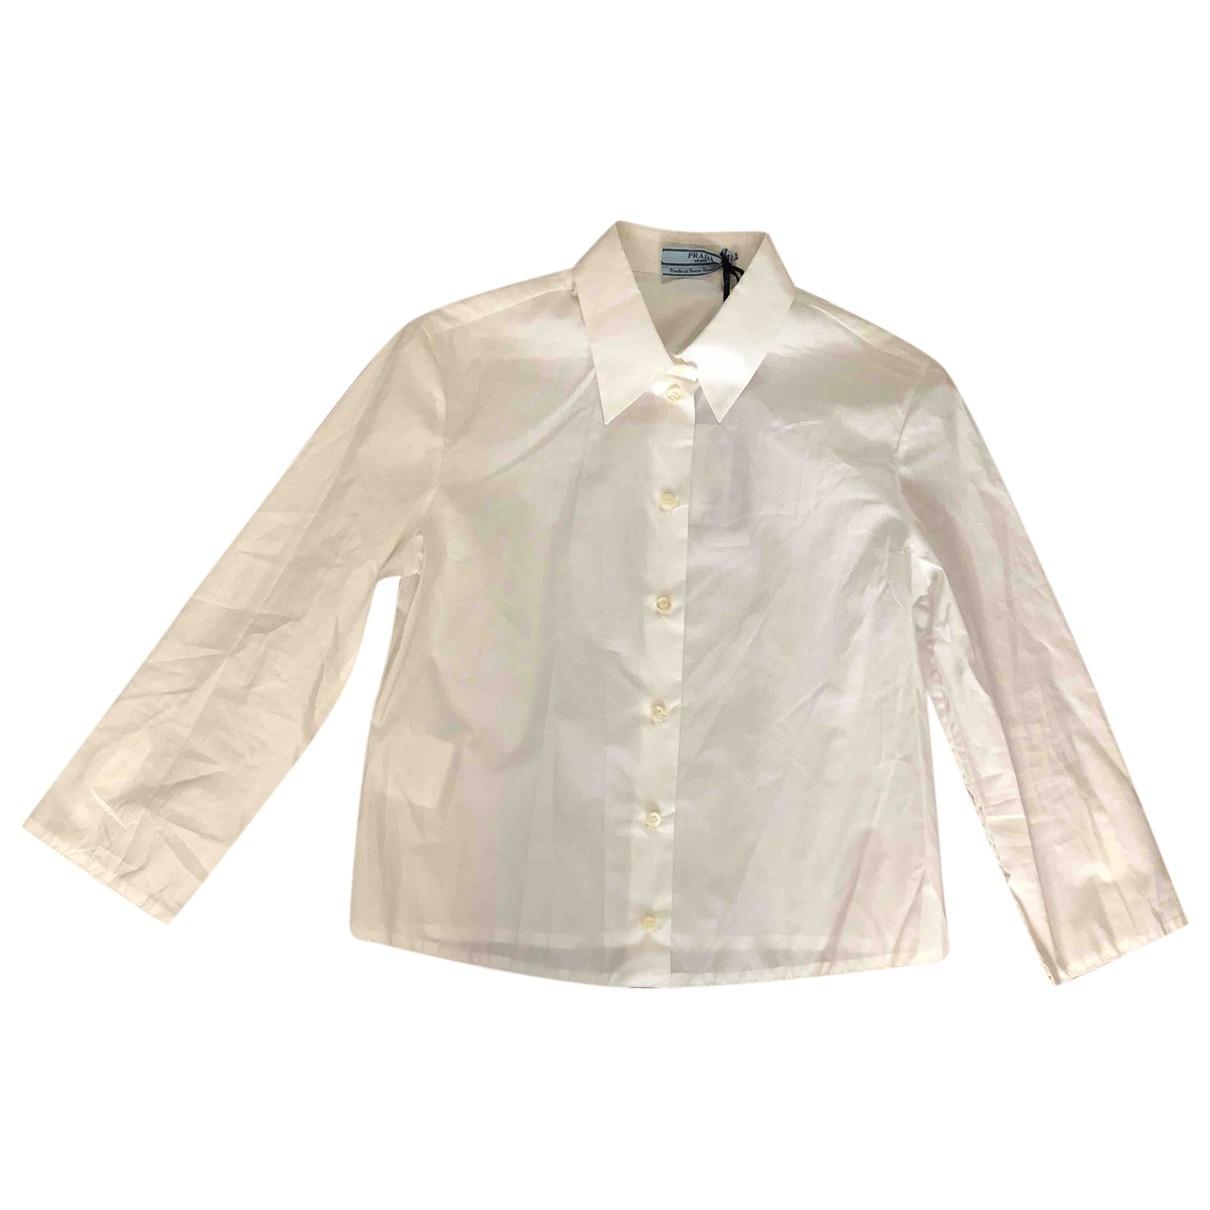 Prada \N White Cotton  top for Women 38 IT